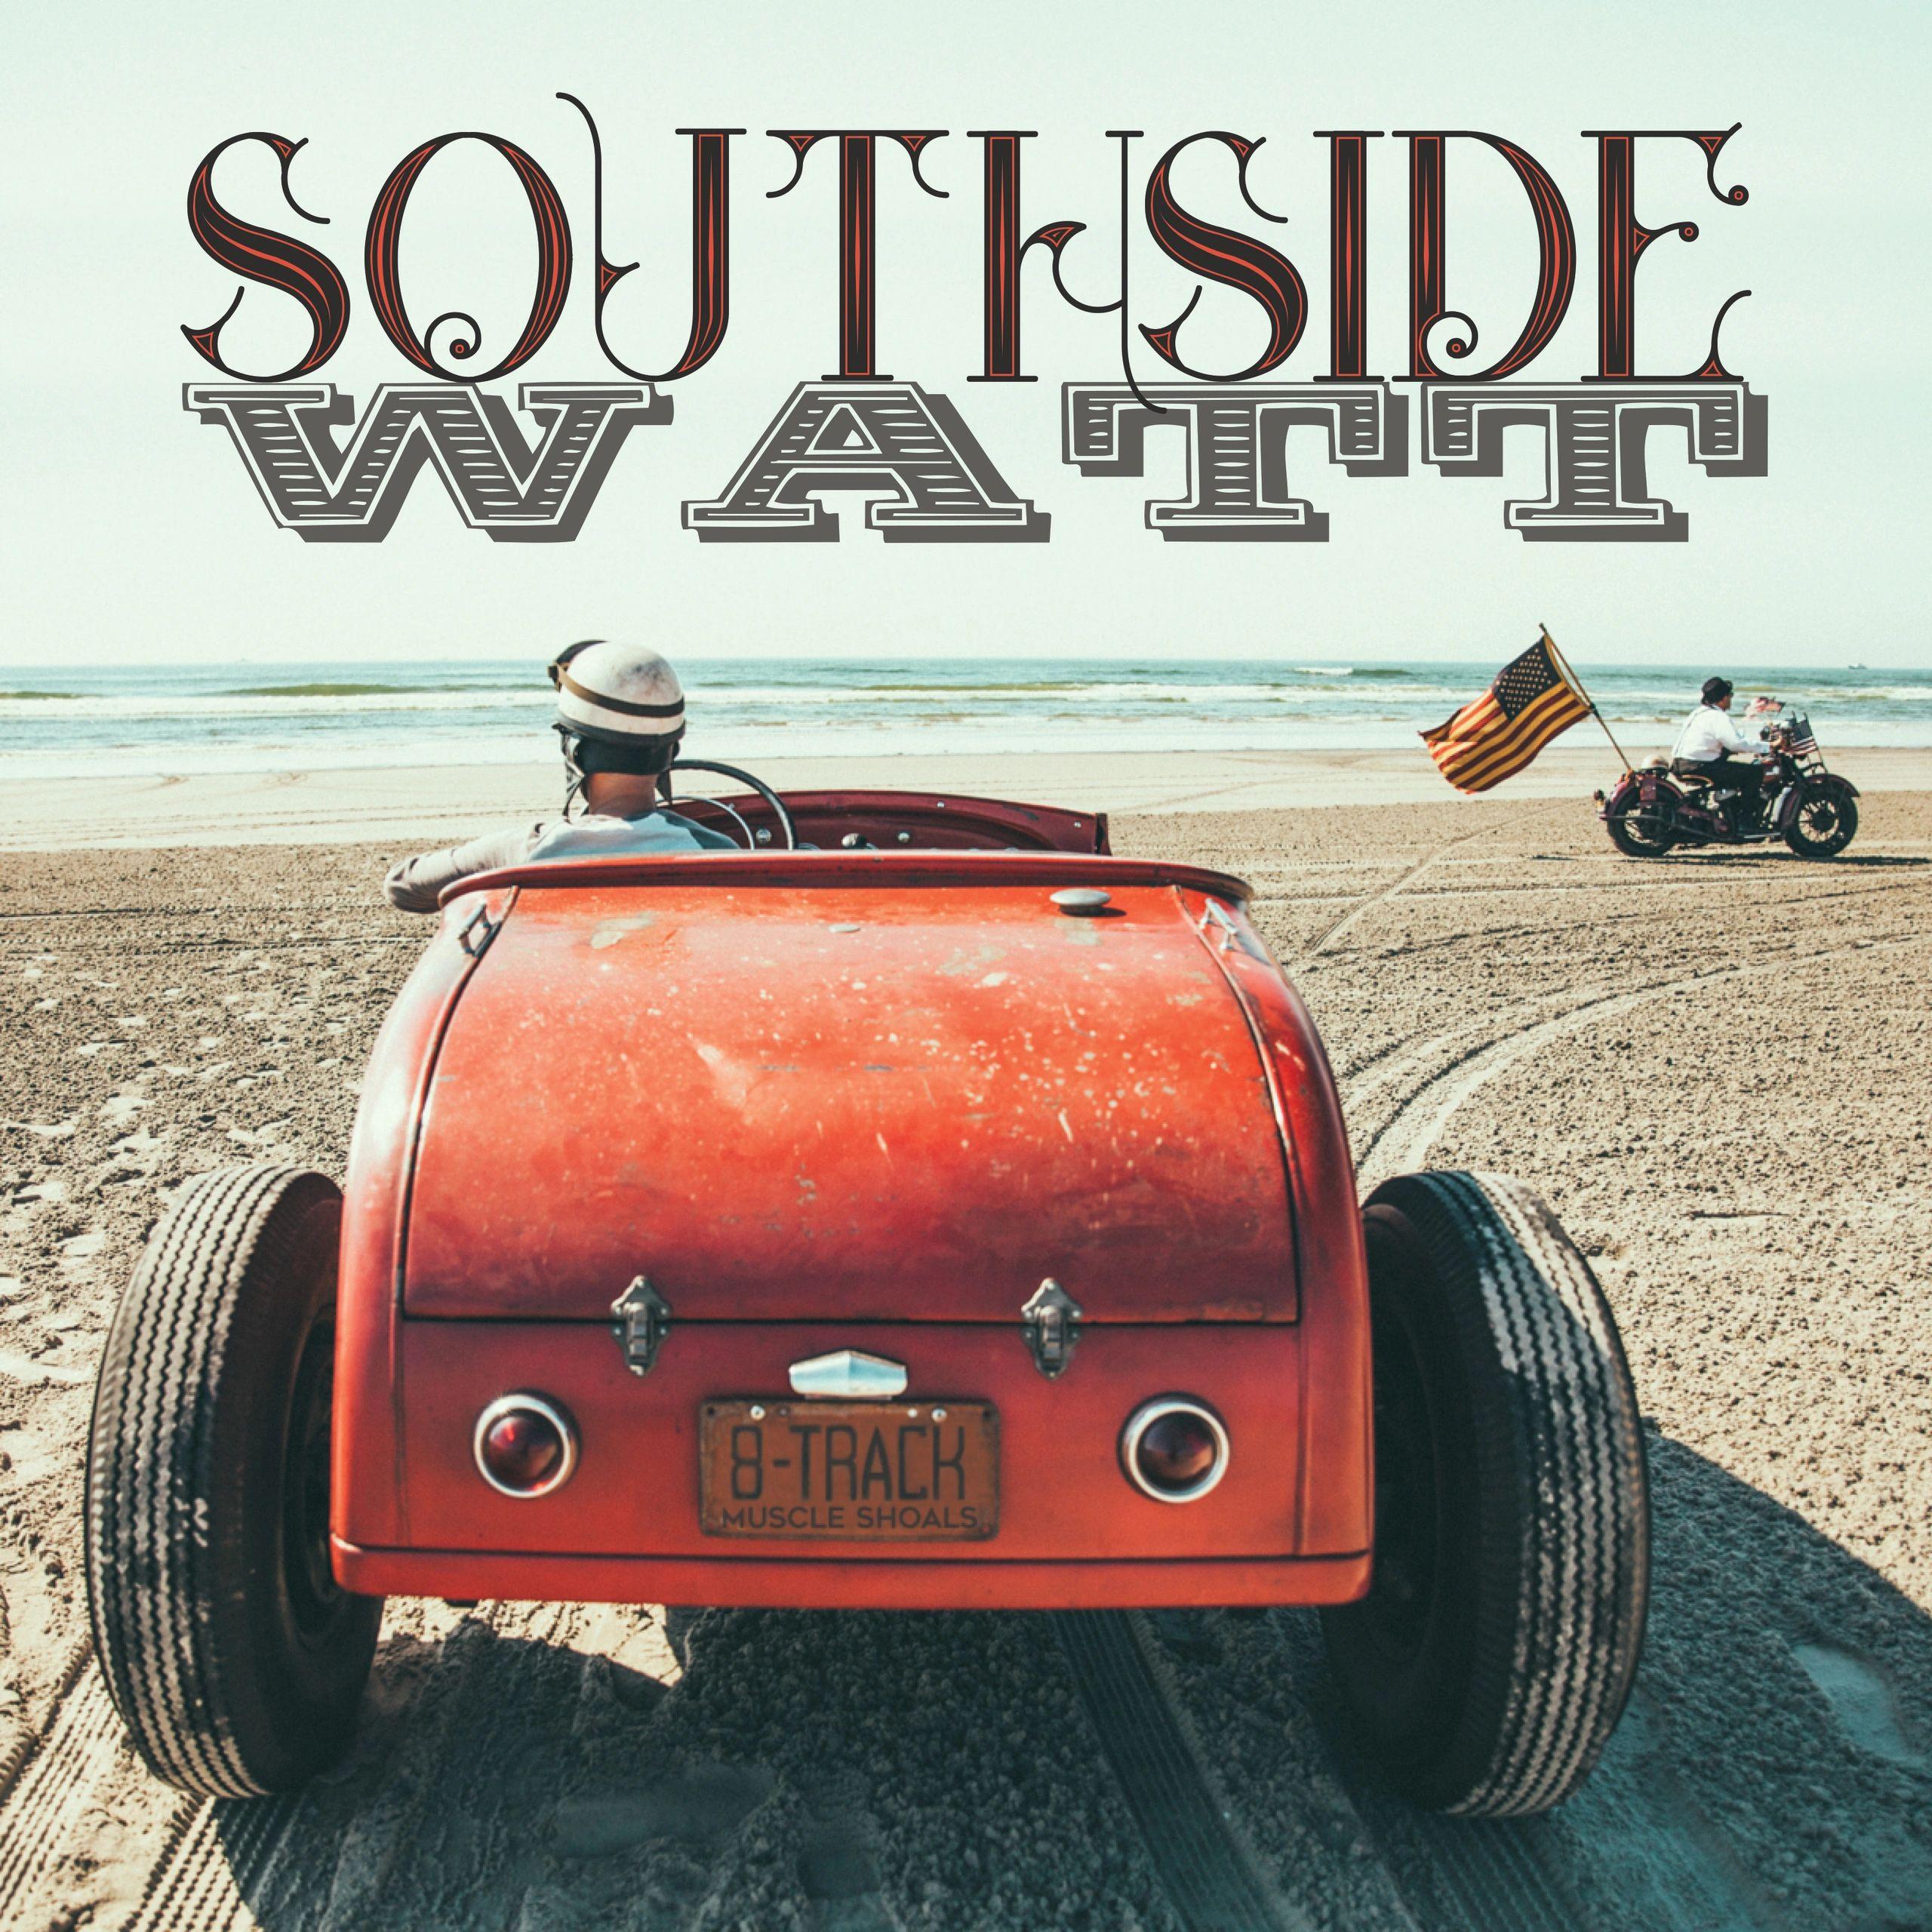 Music and Bands - Southside Watt